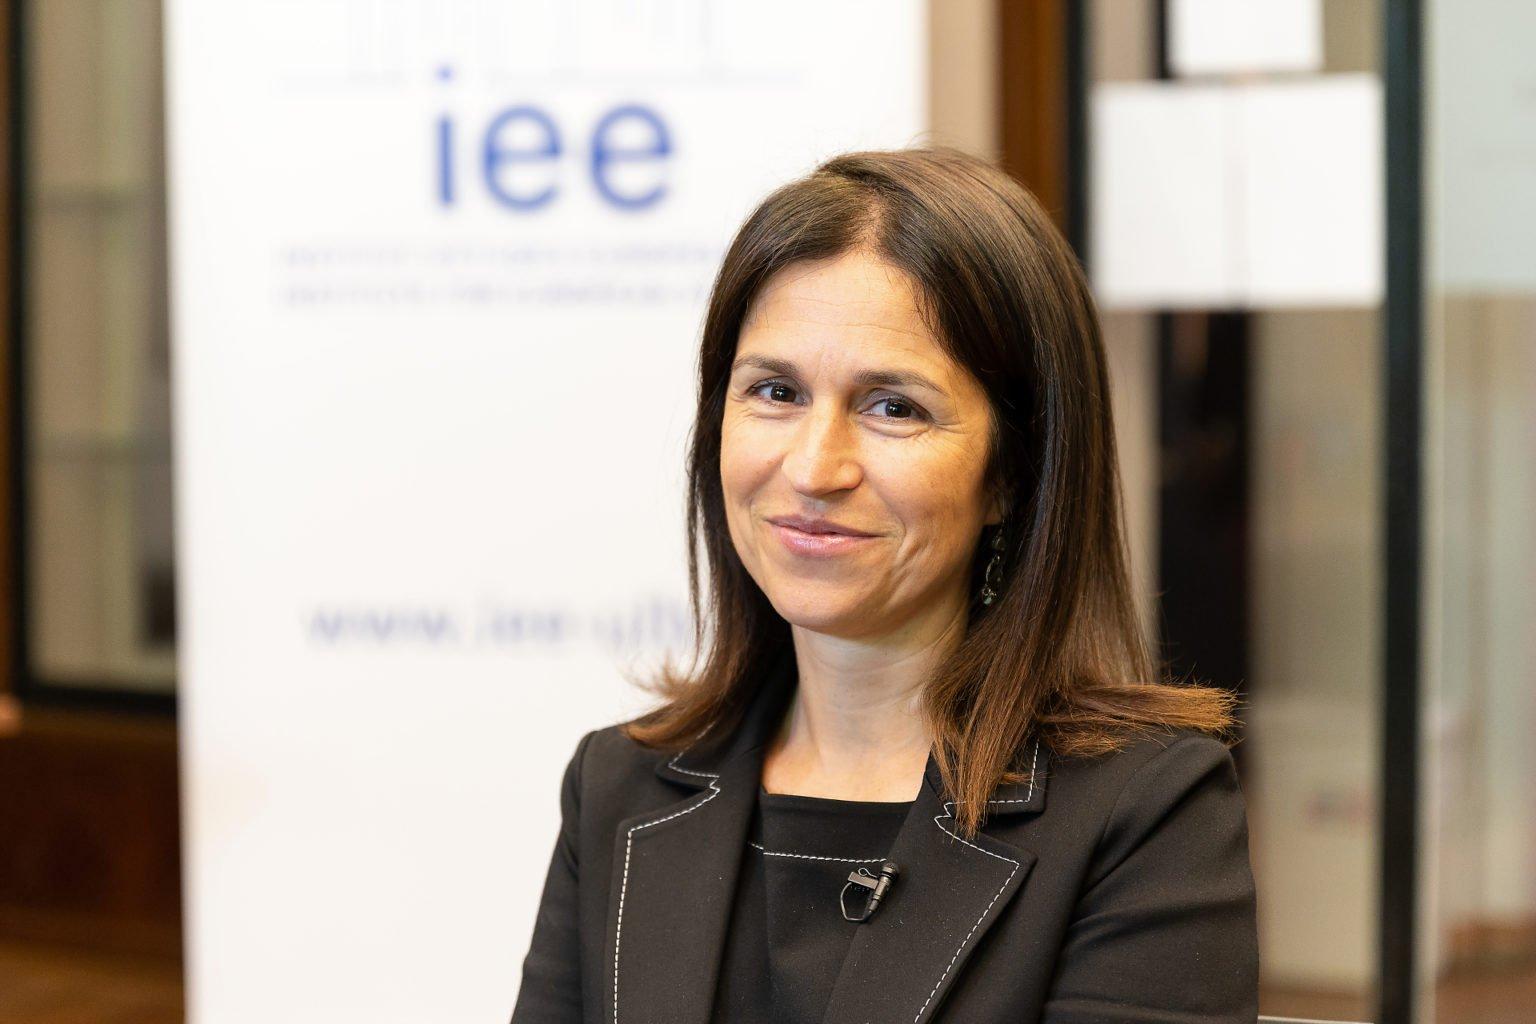 """Anne Weyembergh, Institut d'Etudes Européennes, Conférence Biennale """"L'UE dans les affaires européennes"""", juin 2019. Aurore Delsoir Photographe d'entreprise"""